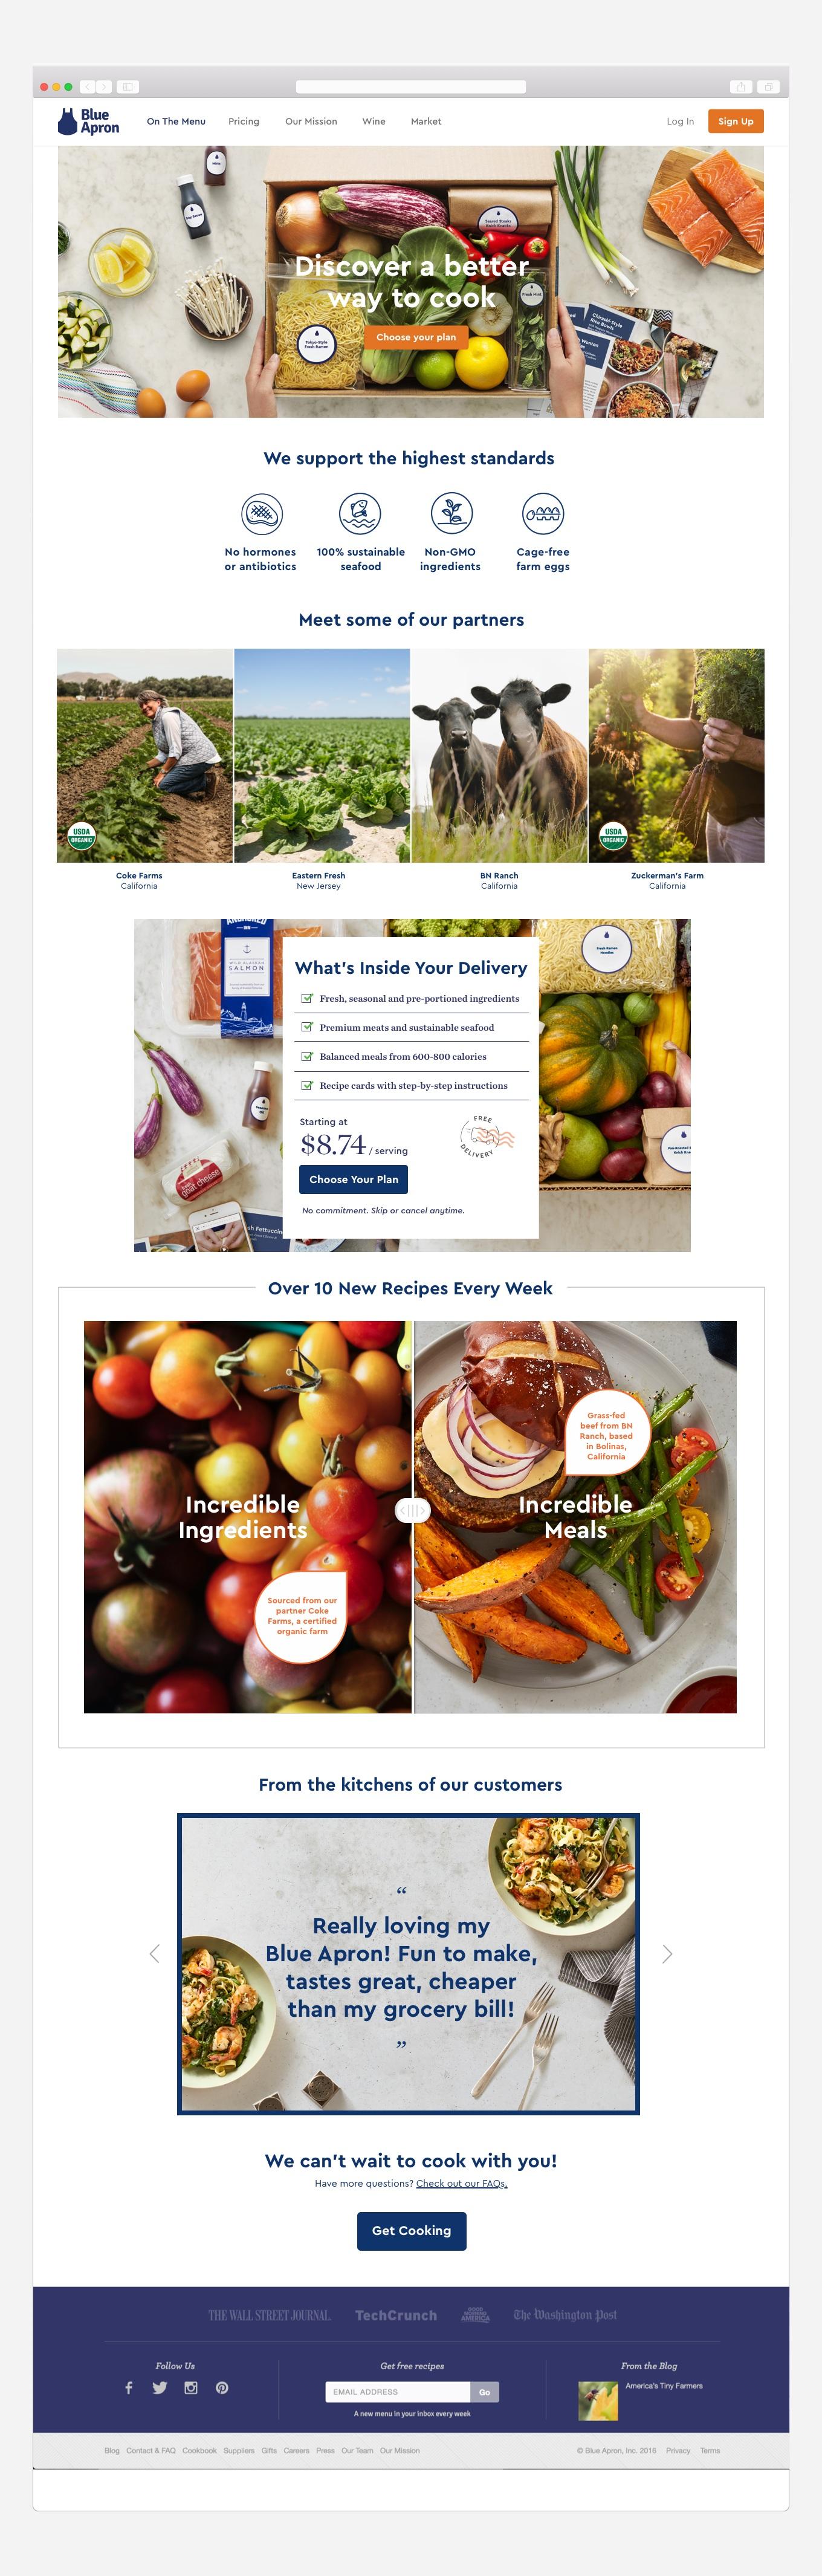 060817_Homepage_FullPage.jpg